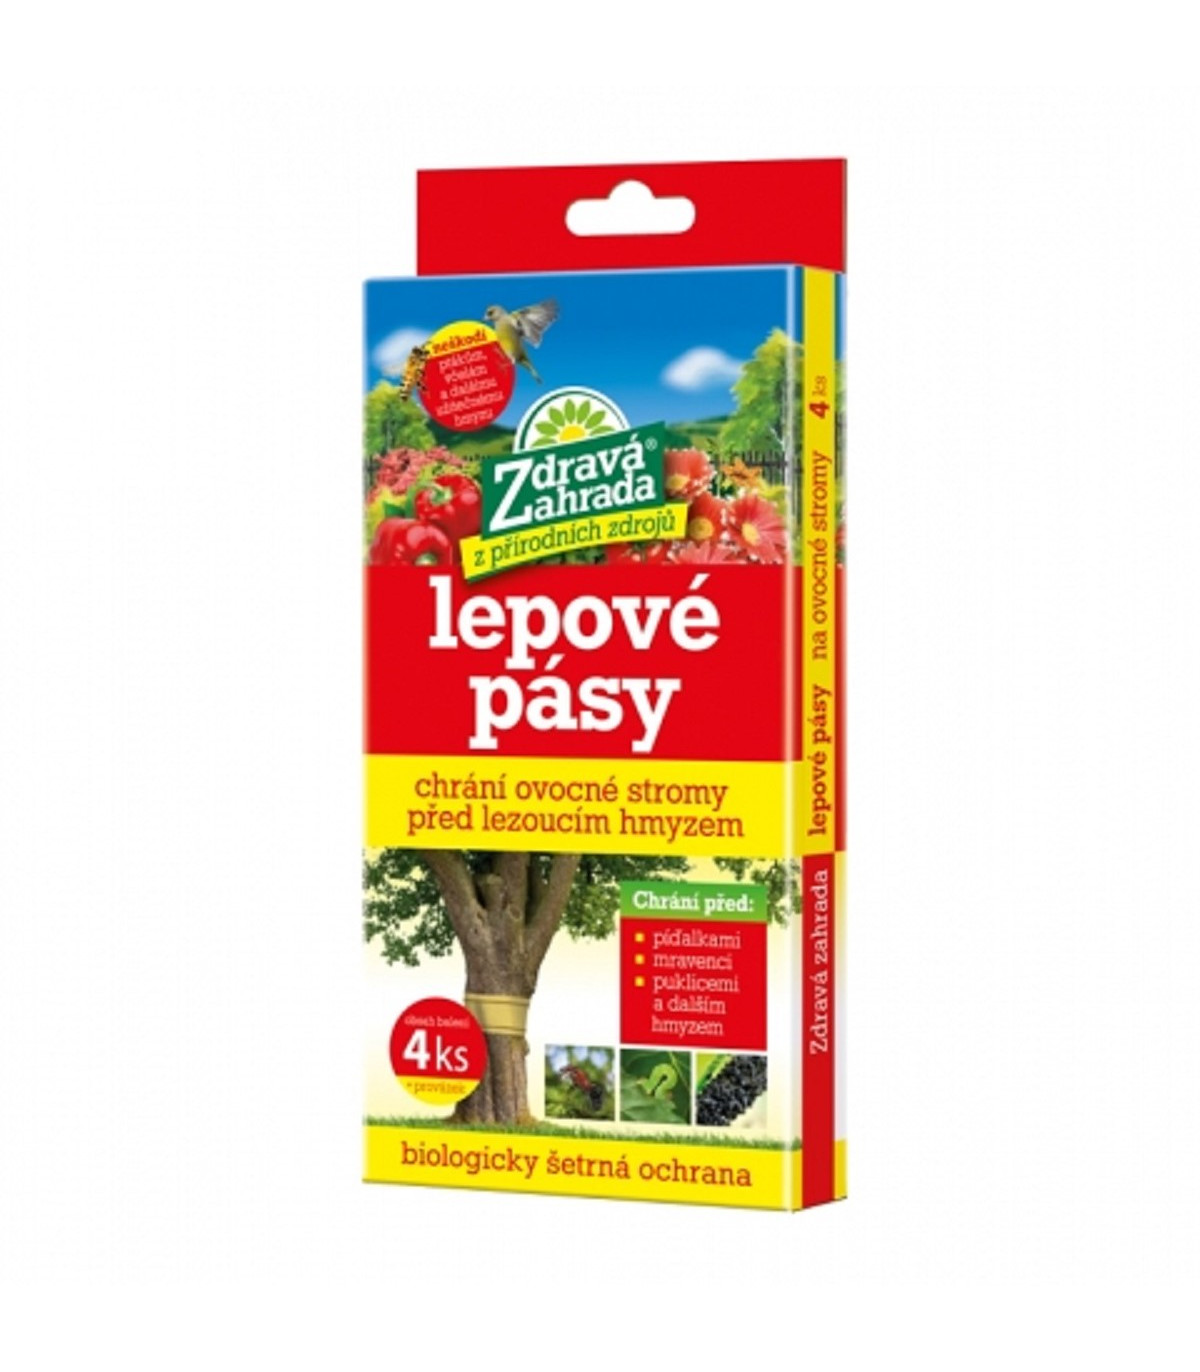 Lepové pásy na piadivky a vošky - Zdravá záhrada - ochrana pred hmyzom - 4 ks